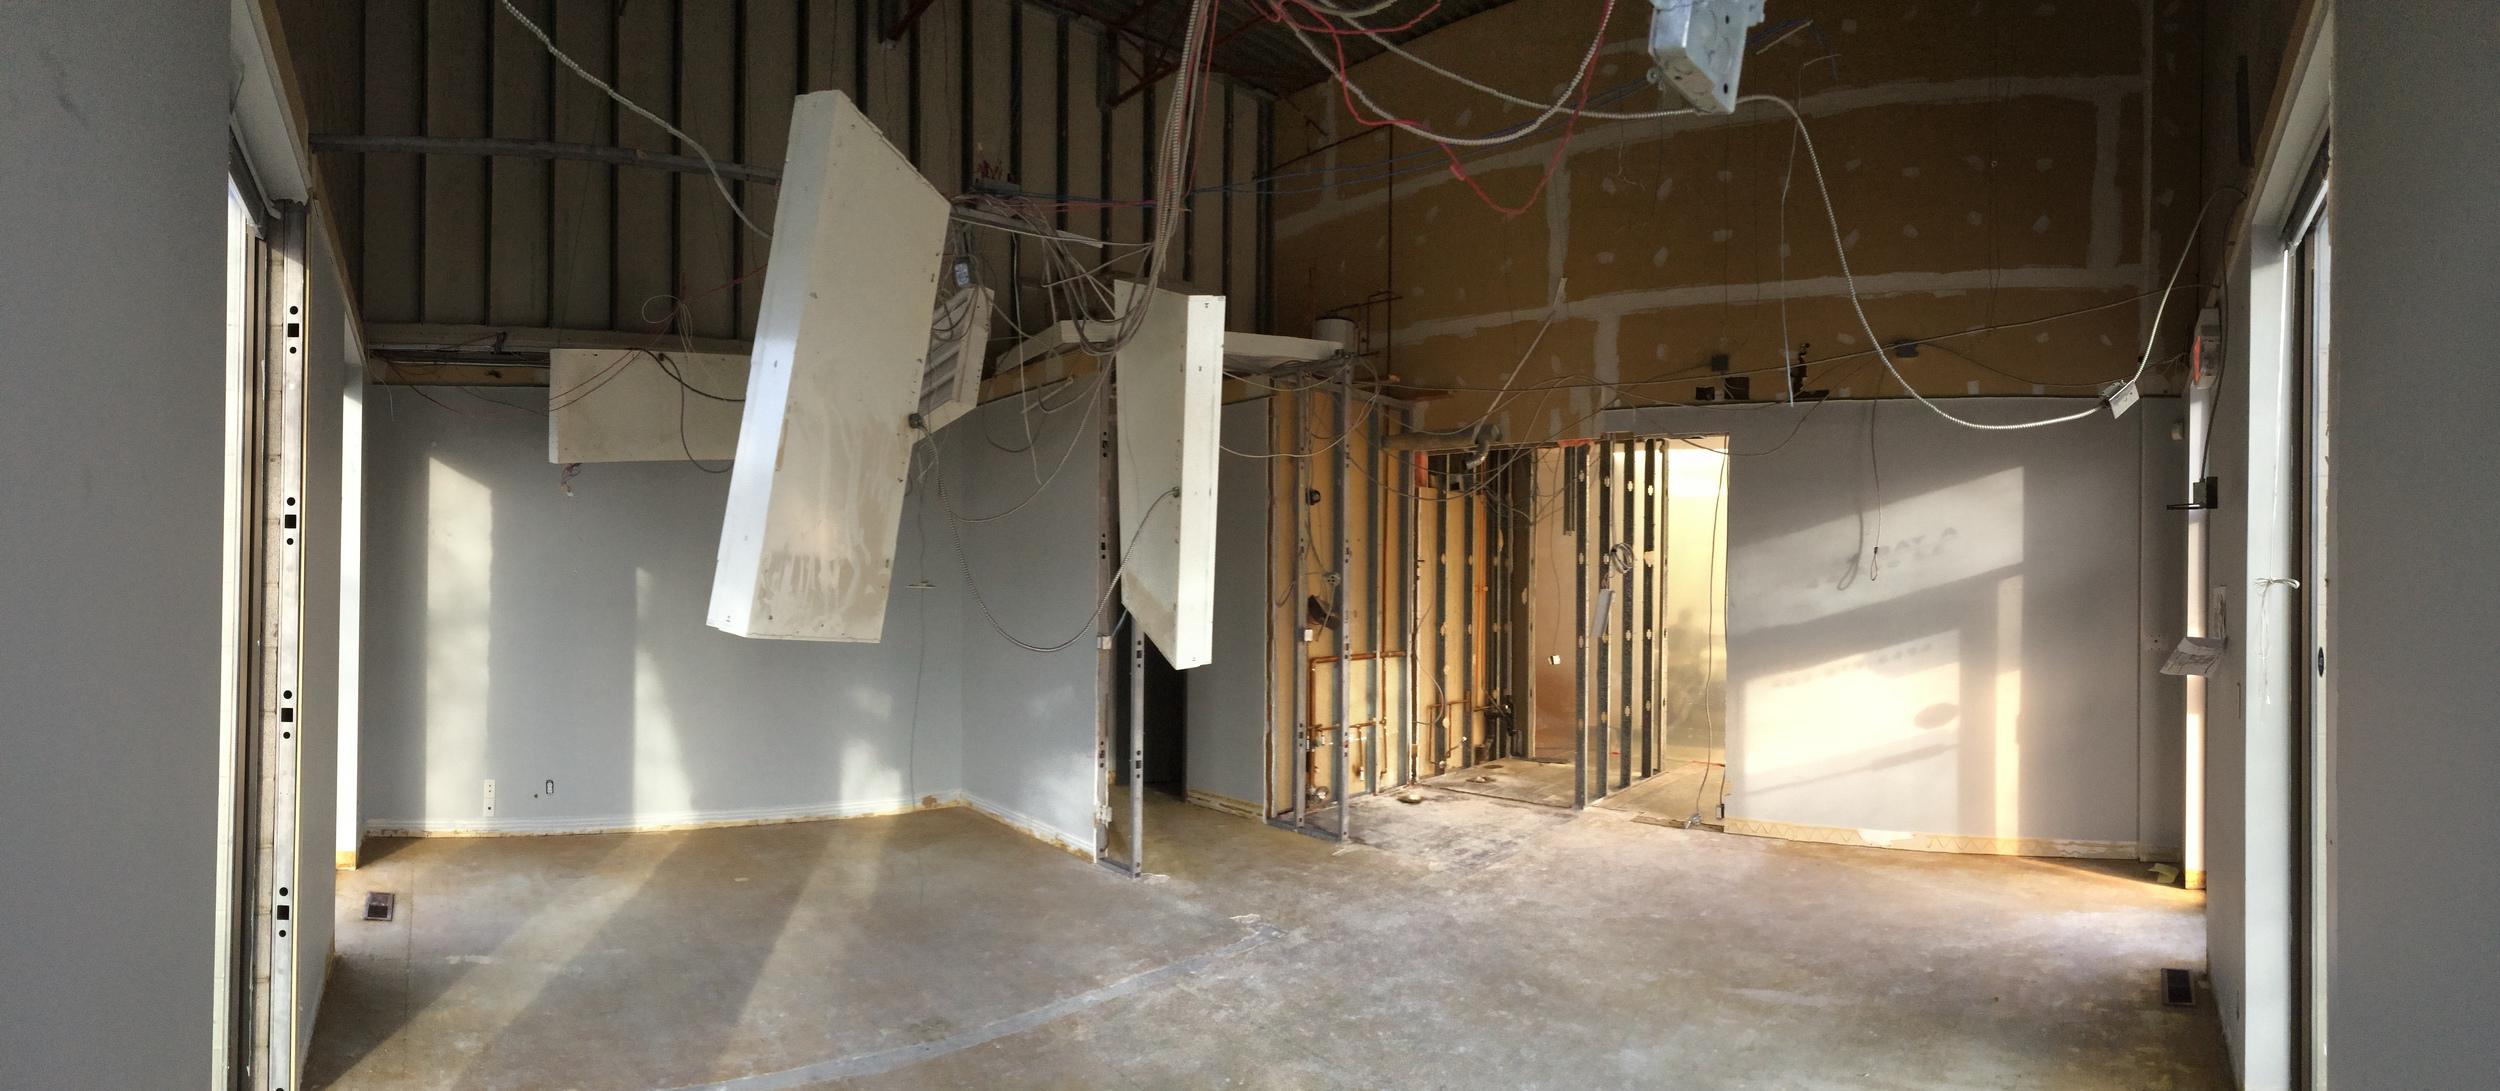 Bay A After Demolition